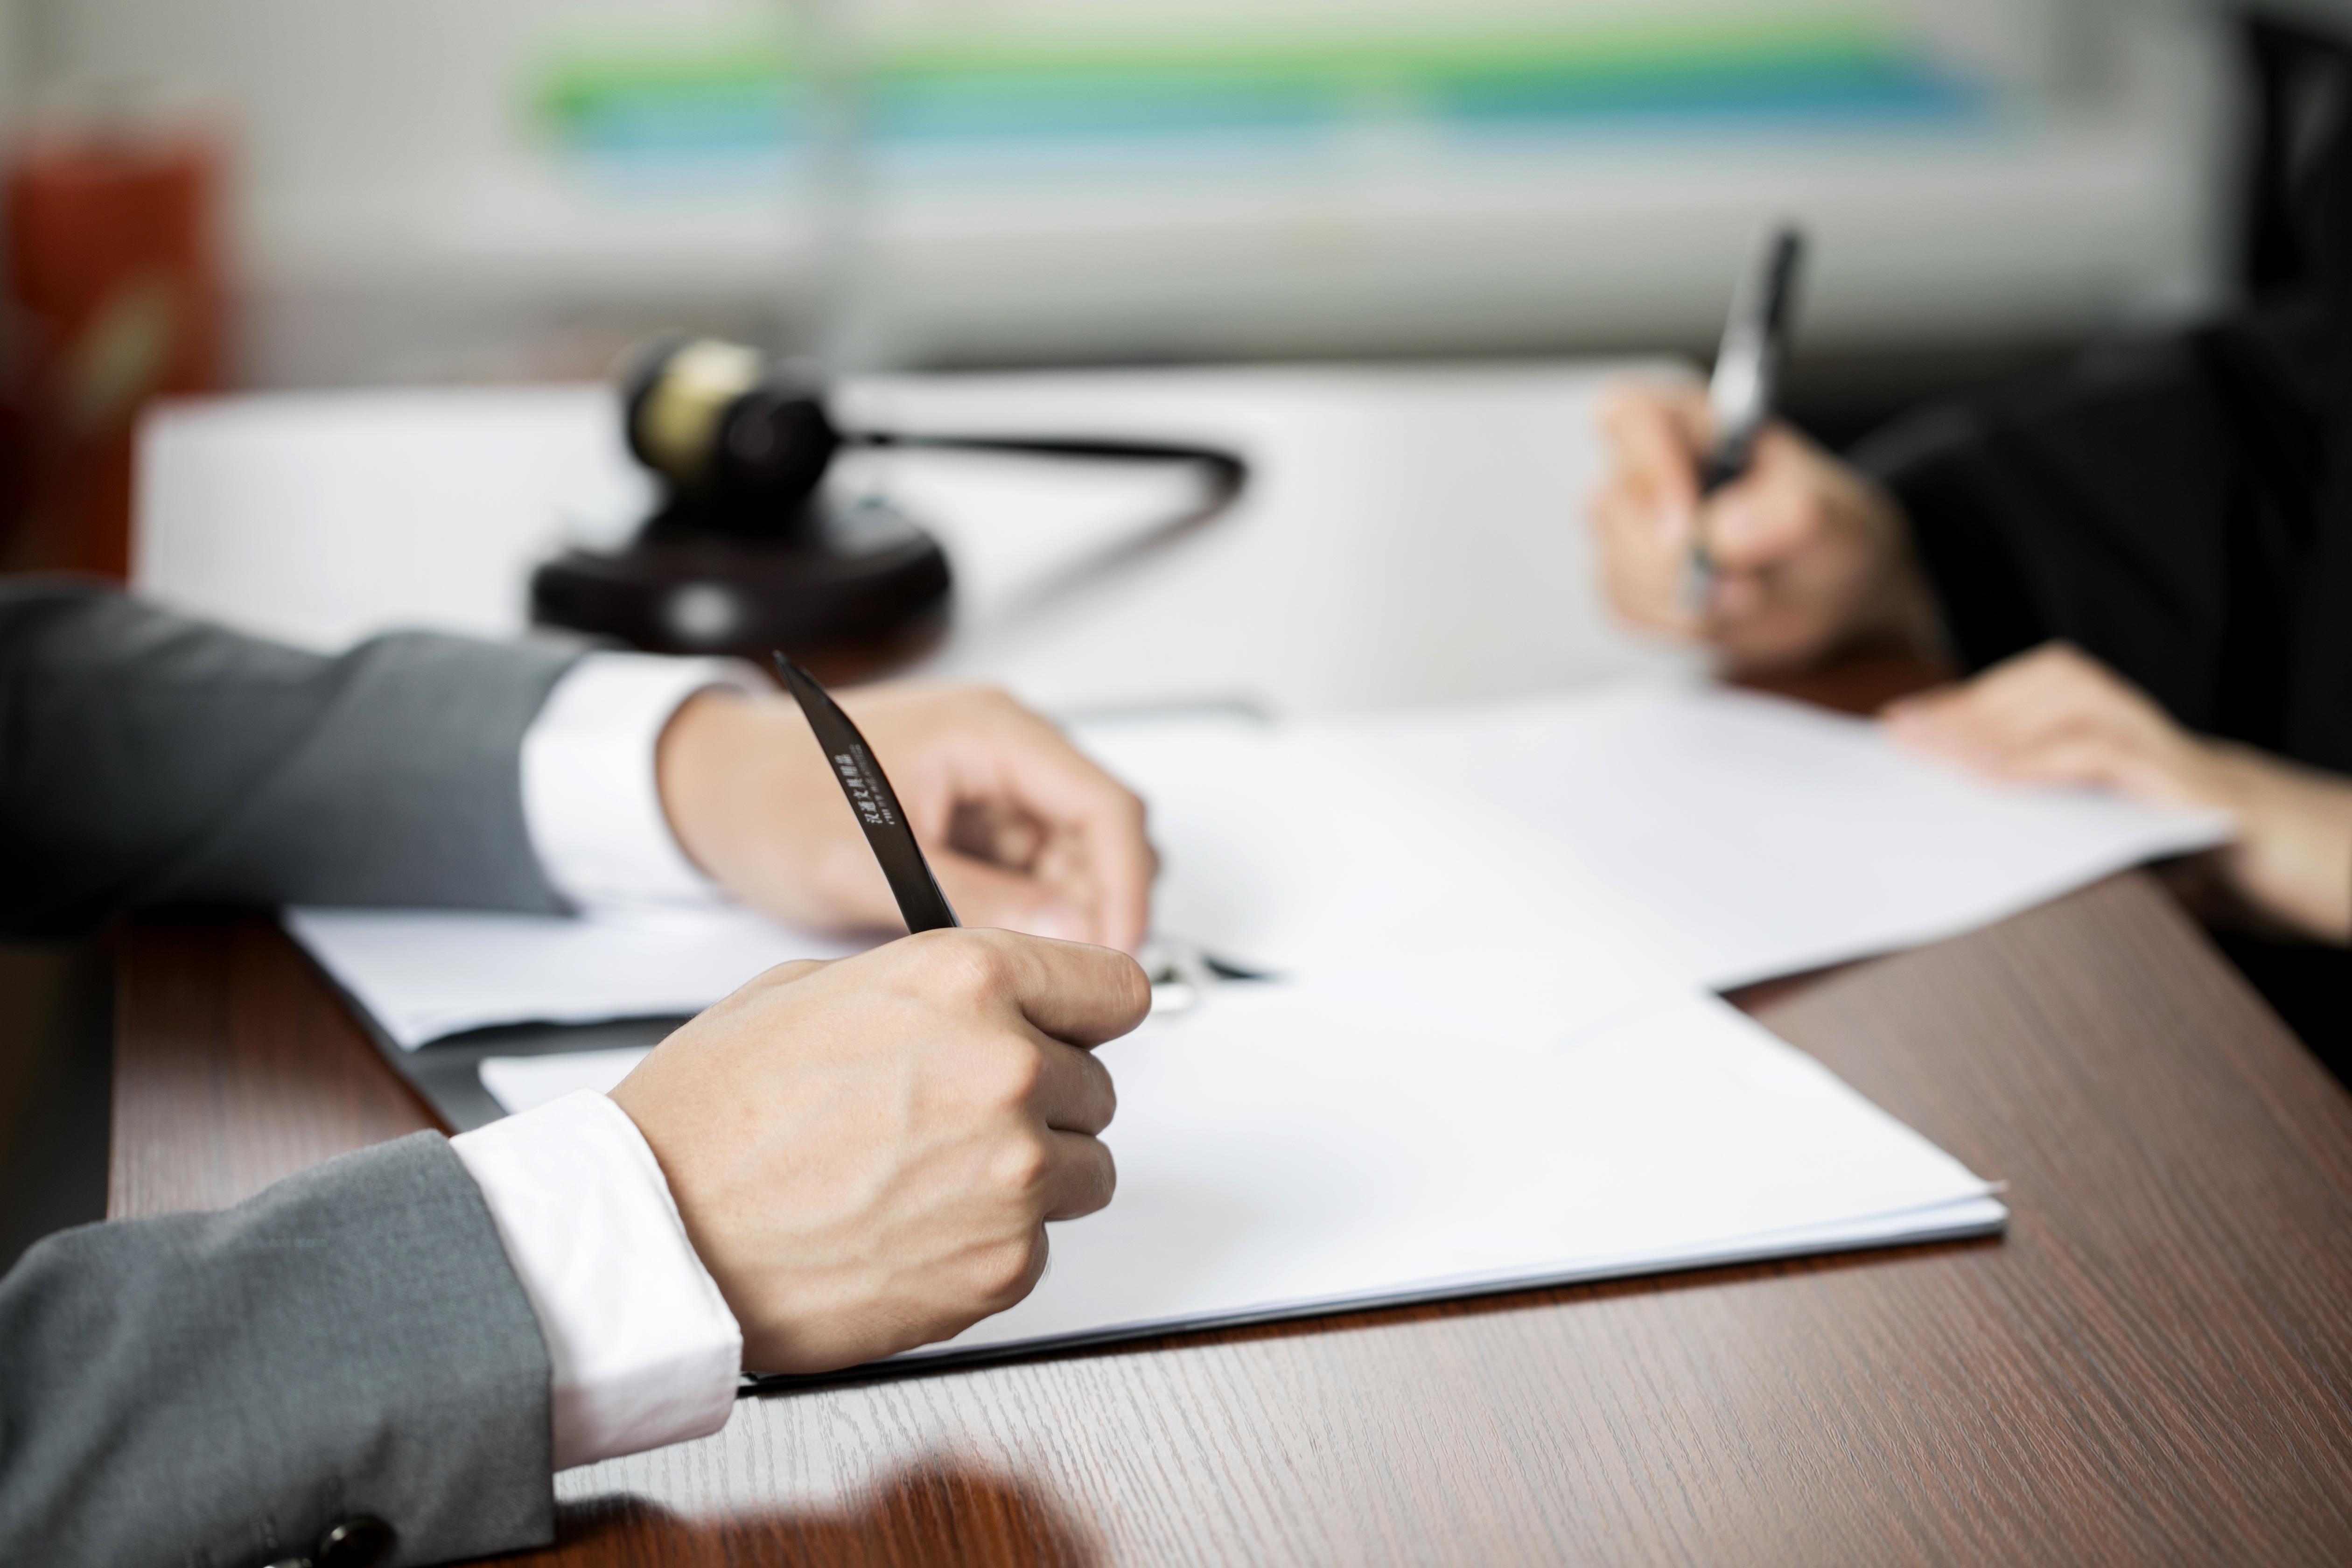 诉讼代理人授权委托书是怎么写的